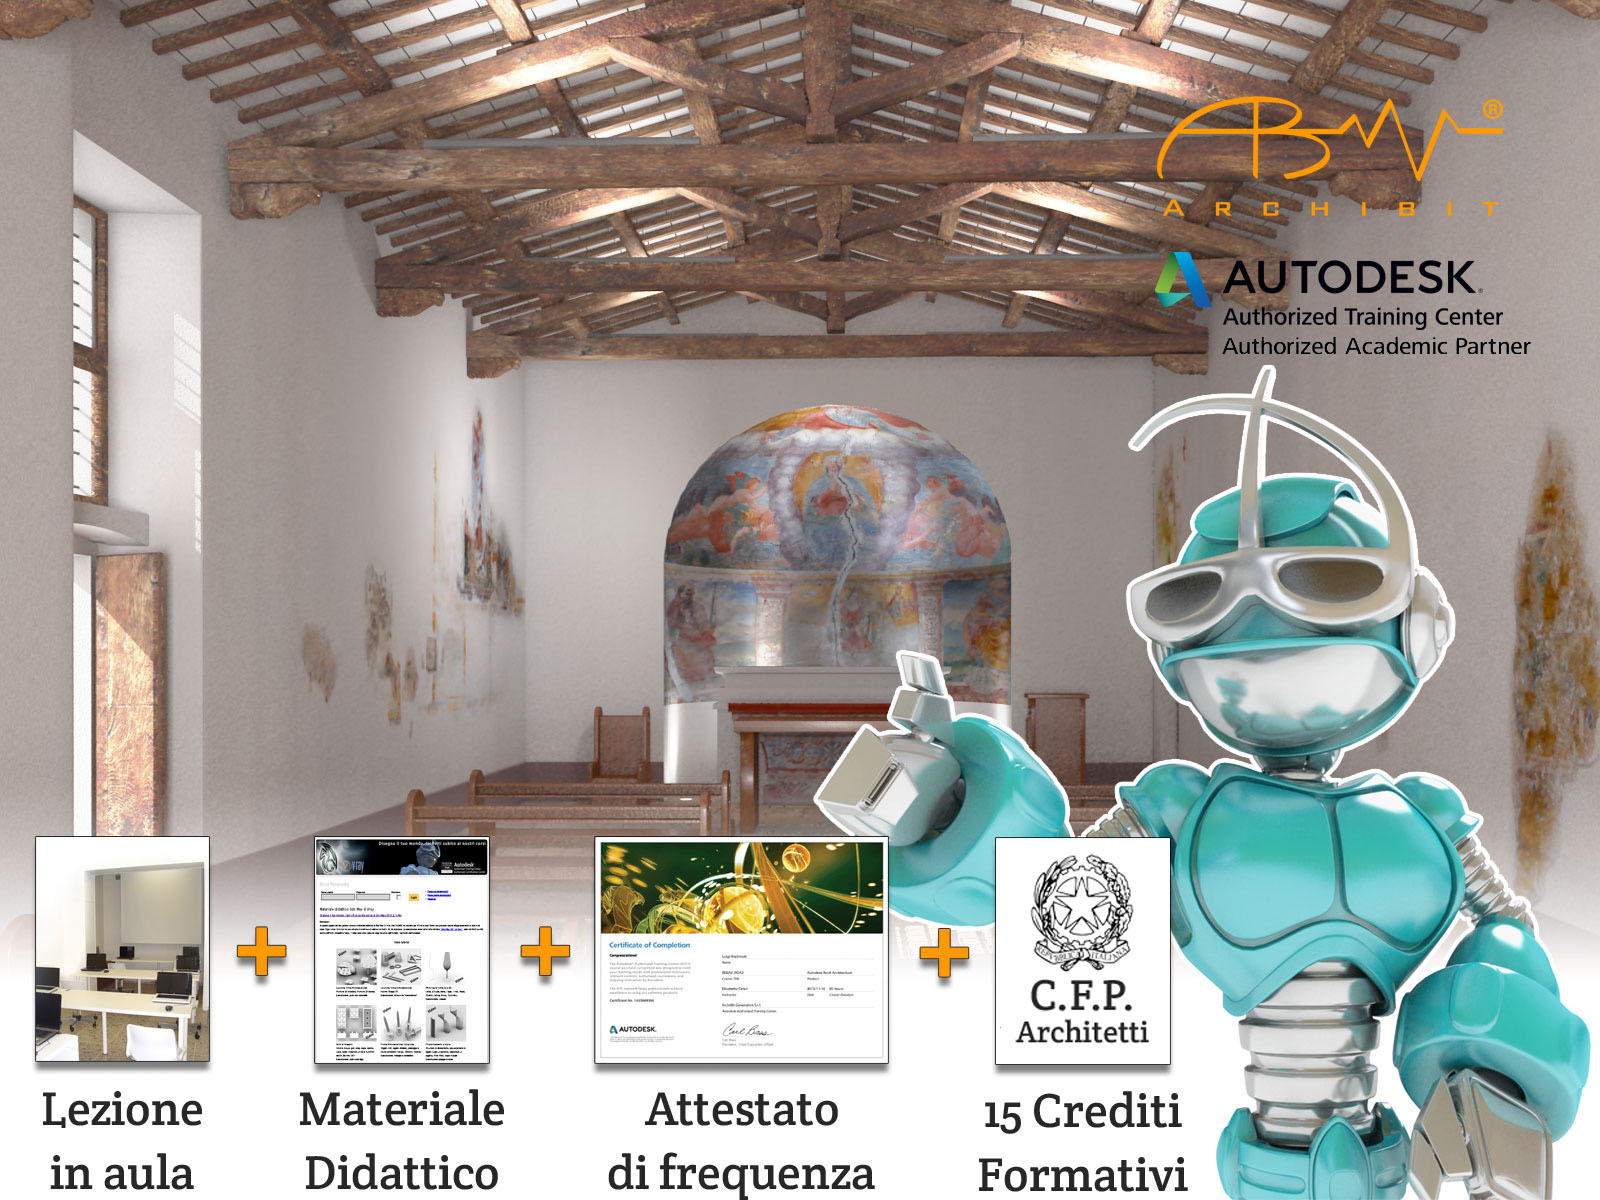 corso 3ds max expert autodesk certificato archibit centro corsi roma